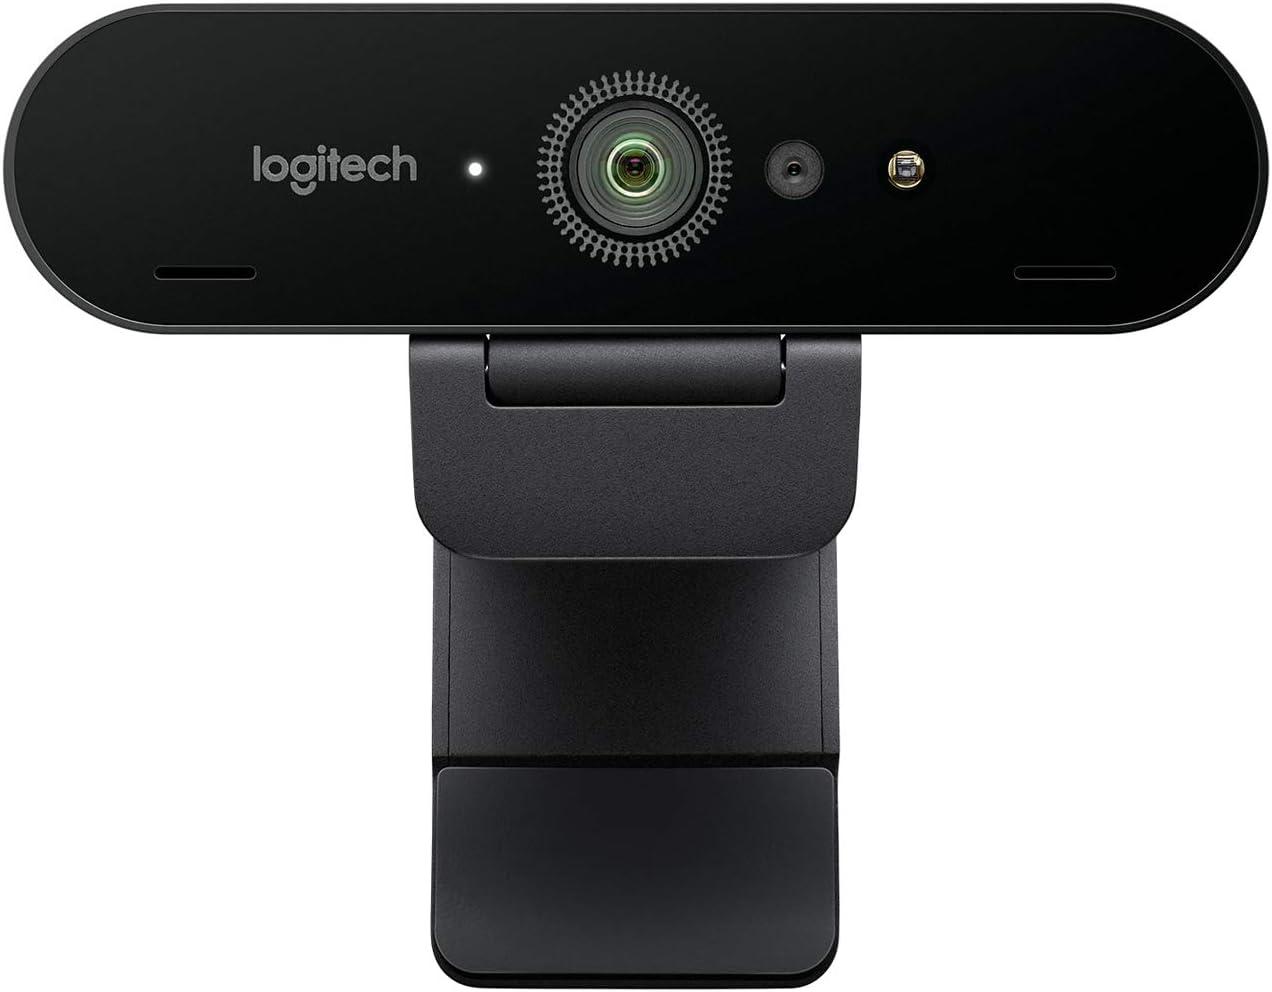 Logitech Brio Ultra HD Pro Webcam, Streaming Fluido 1080p/60fps